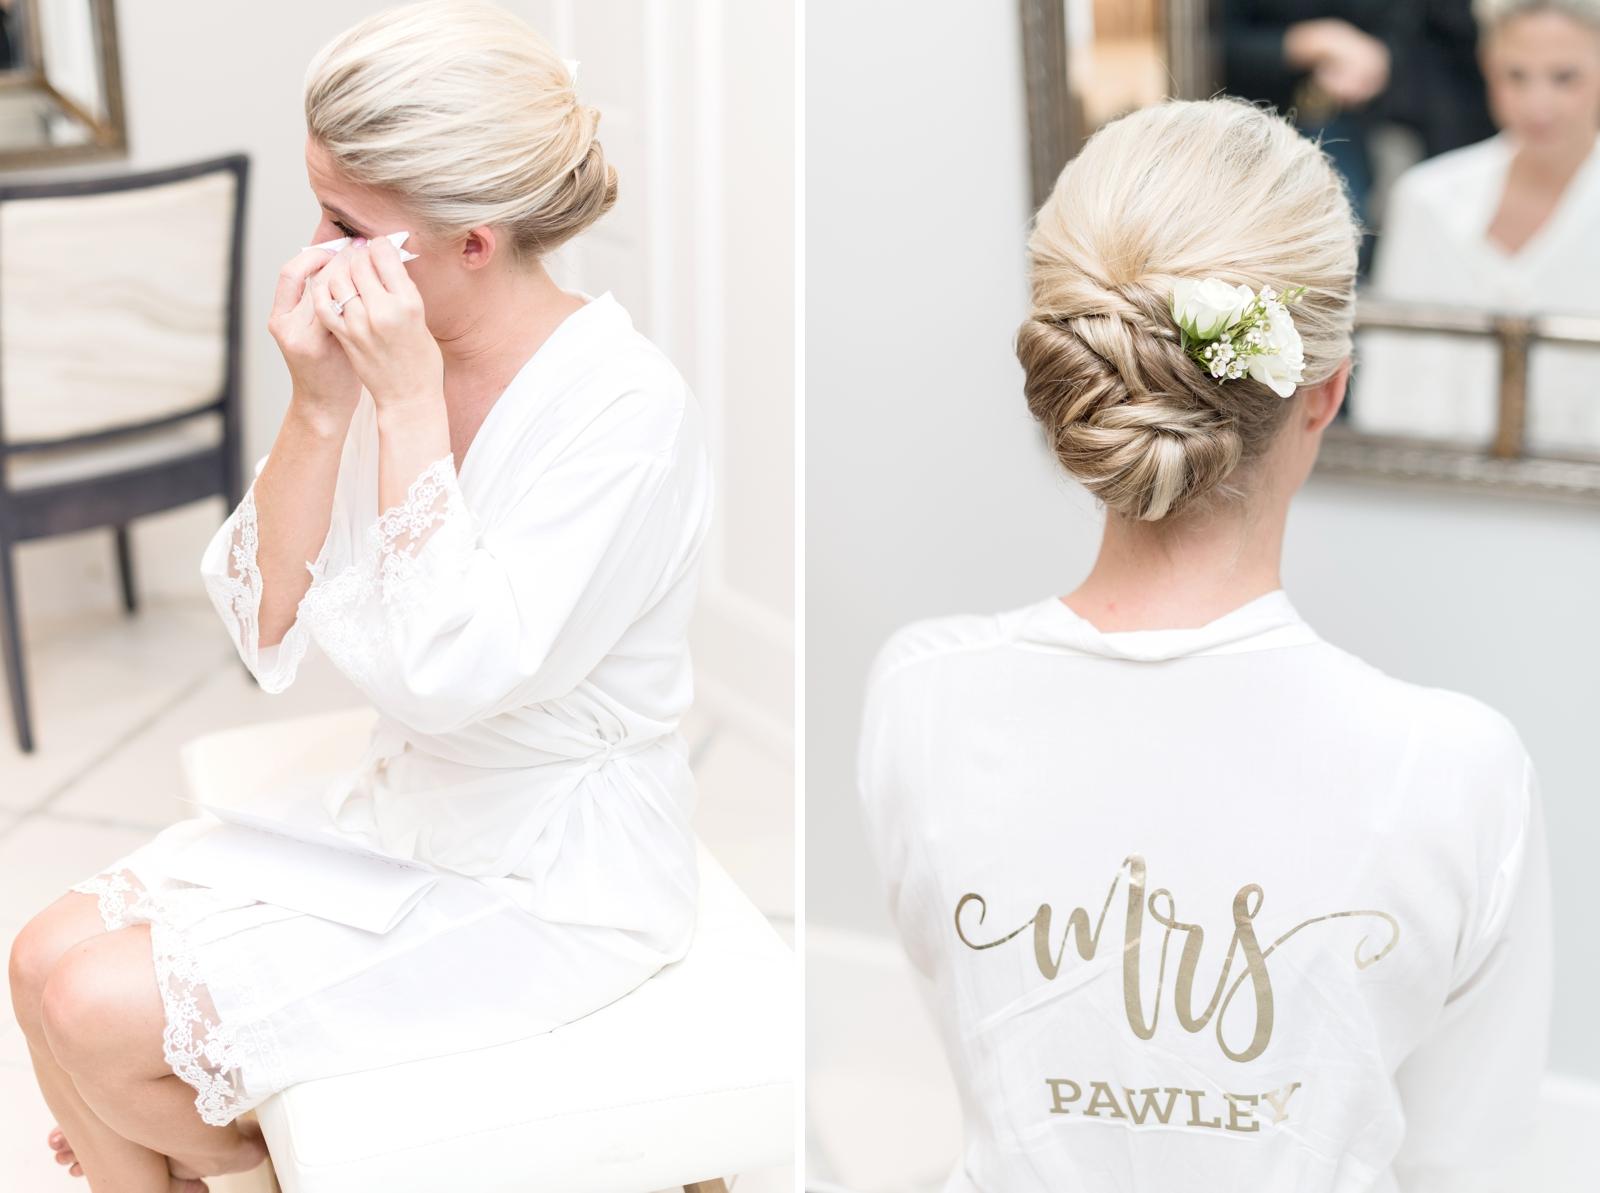 lejeune artistry bridal hair